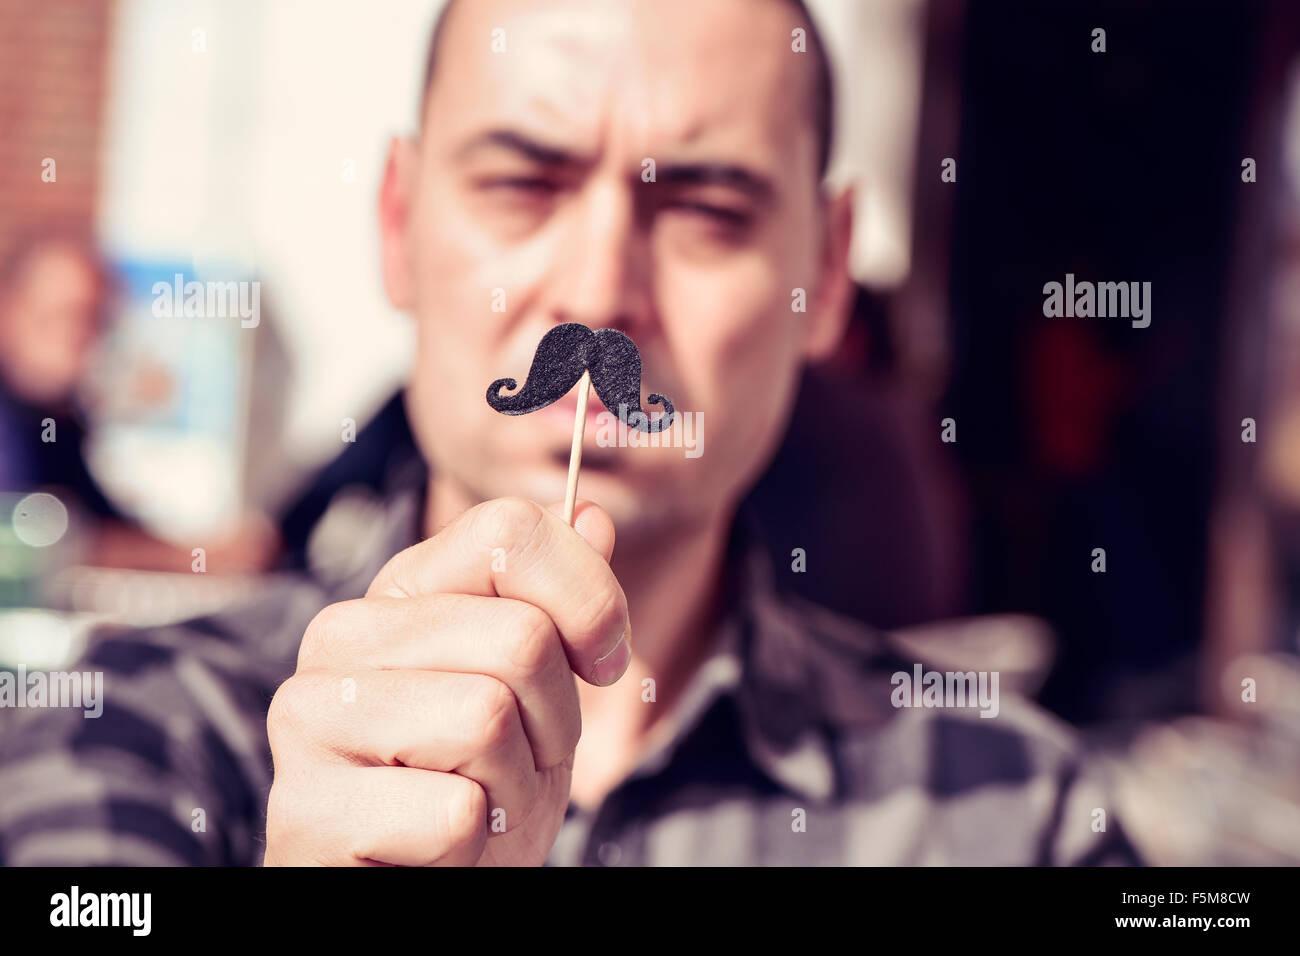 ein junger kaukasischen Mann hält einen falschen Schnurrbart in einem Stick vor seinem Gesicht Stockbild